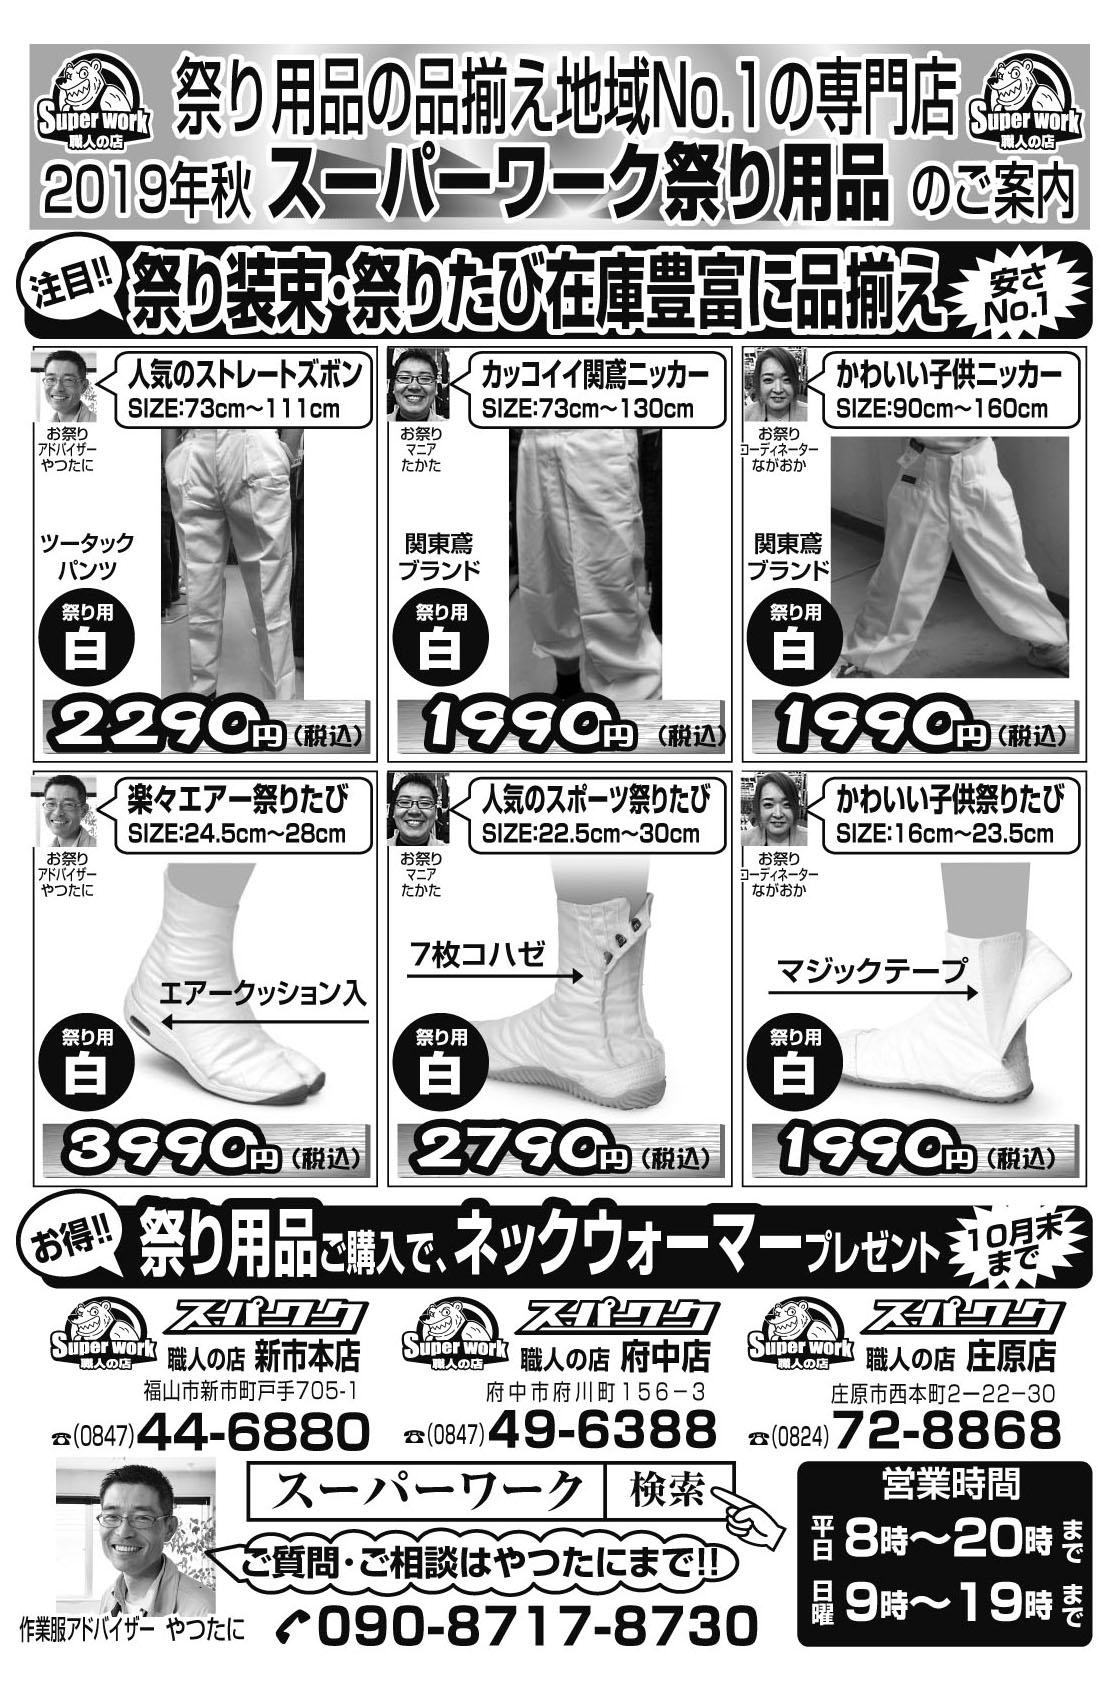 祭り用品の品揃え地域No.1の専門店、スーパーワーク職人の店へGO!!